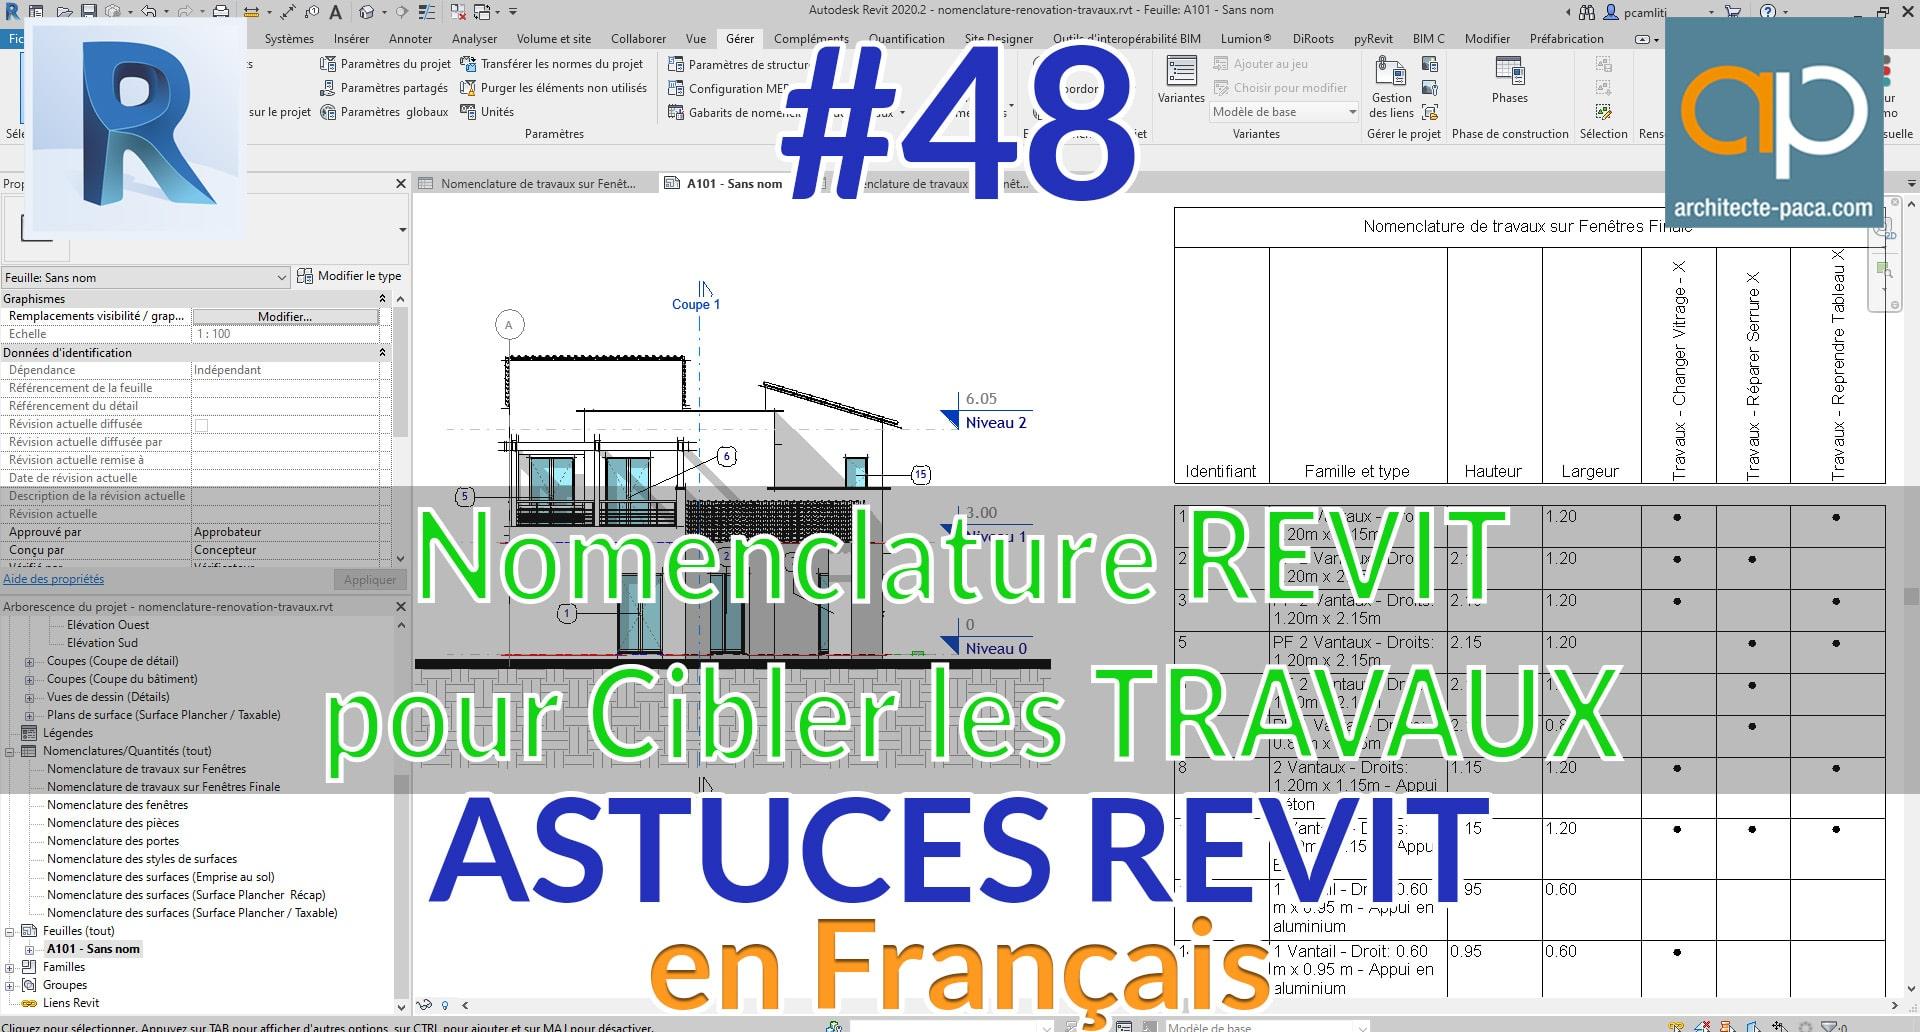 Nomenclature REVIT : fenêtre et travaux rénovation